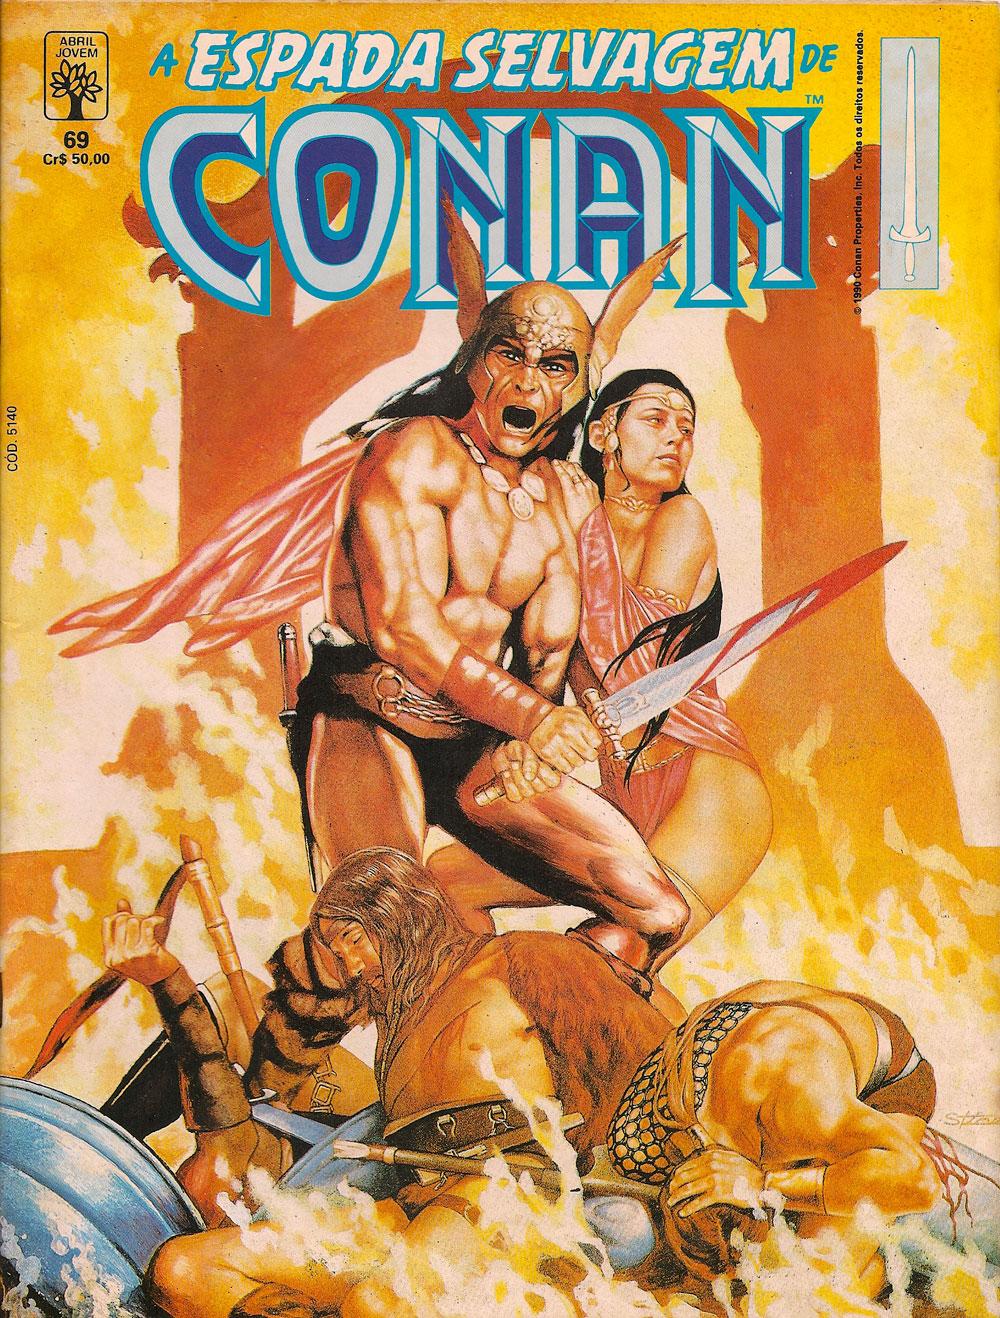 Capa: A Espada Selvagem de Conan 69